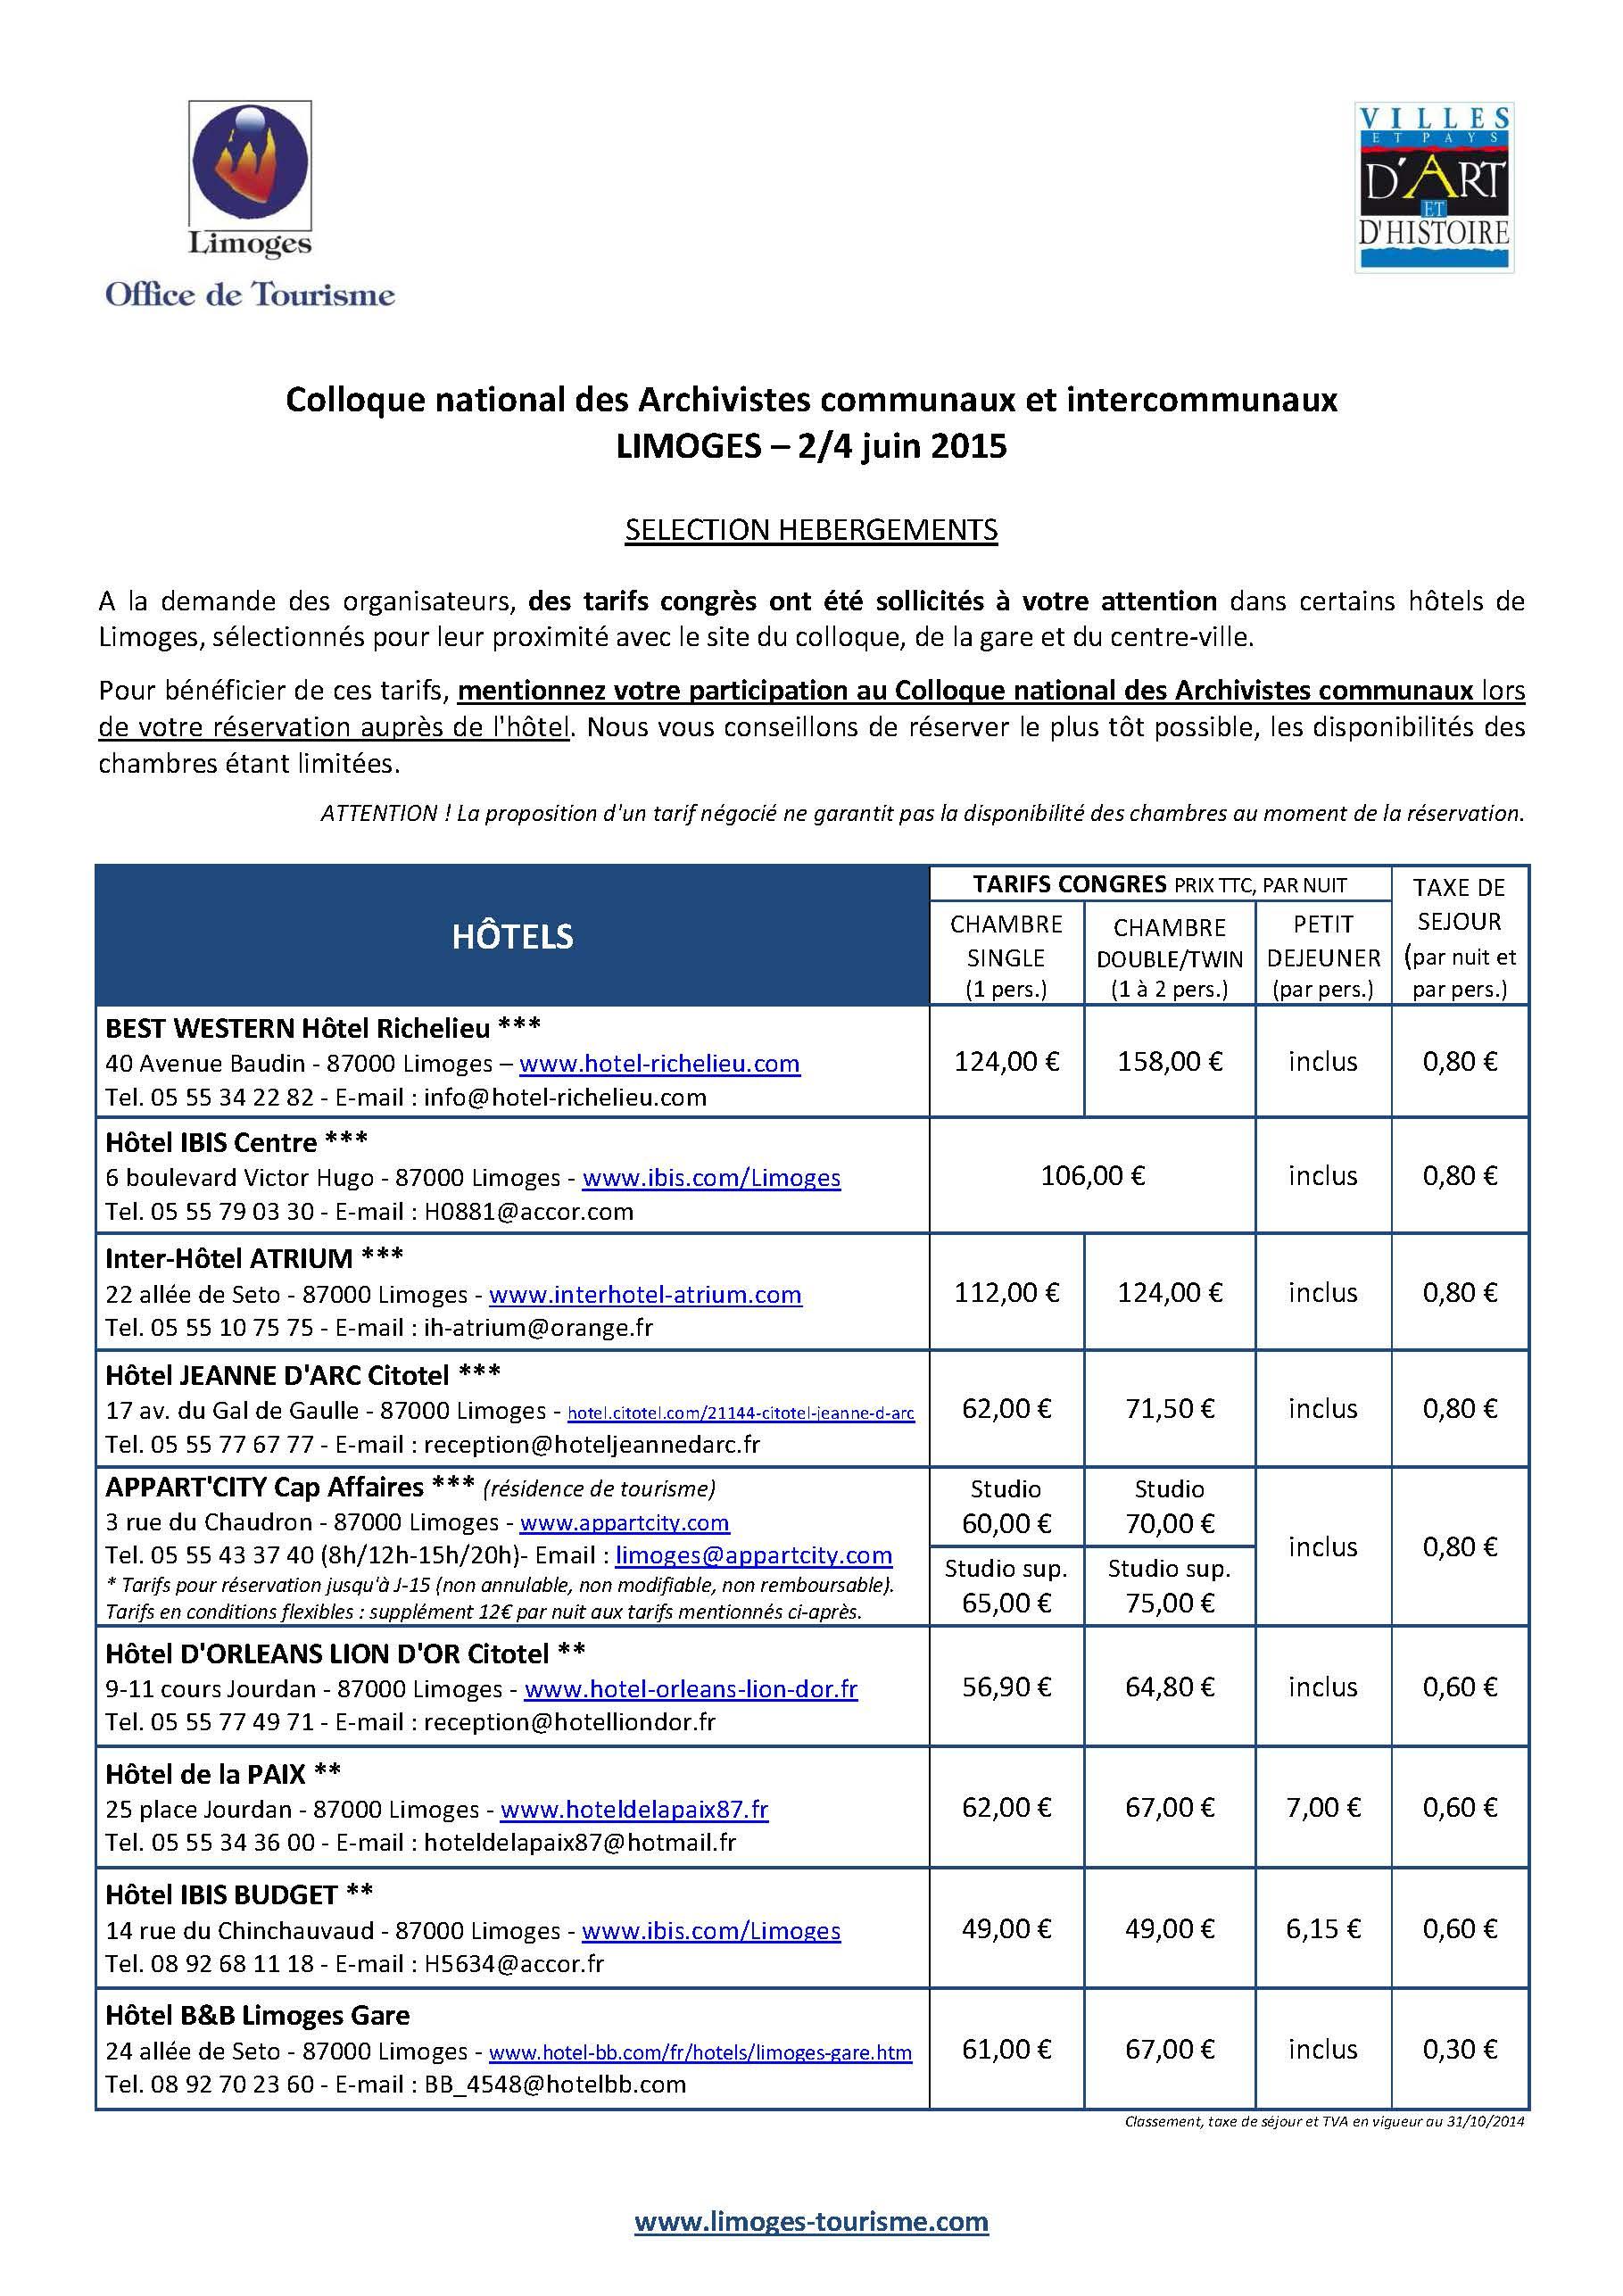 Congrès_AAF2015 - Sélection Hébergements_Page_1